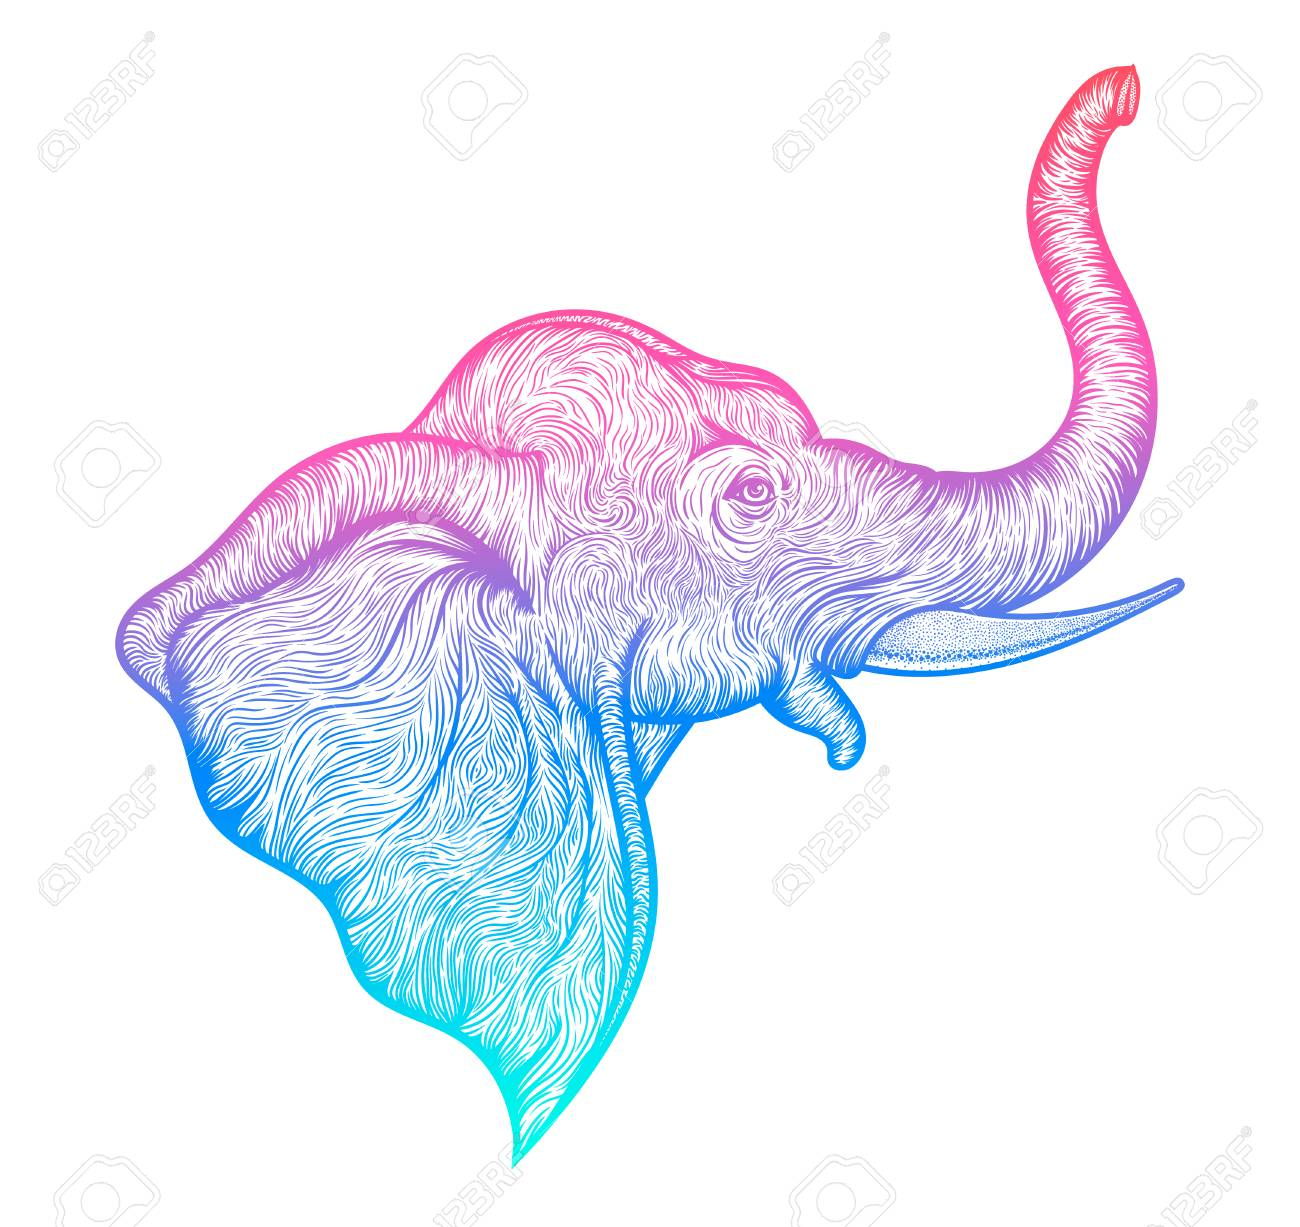 b7319ec6ef32d Foto de archivo - La cabeza de un elefante en línea del perfil del diseño  del arte del boho. Ilustración de la India dios Ganesha. vector el bosquejo